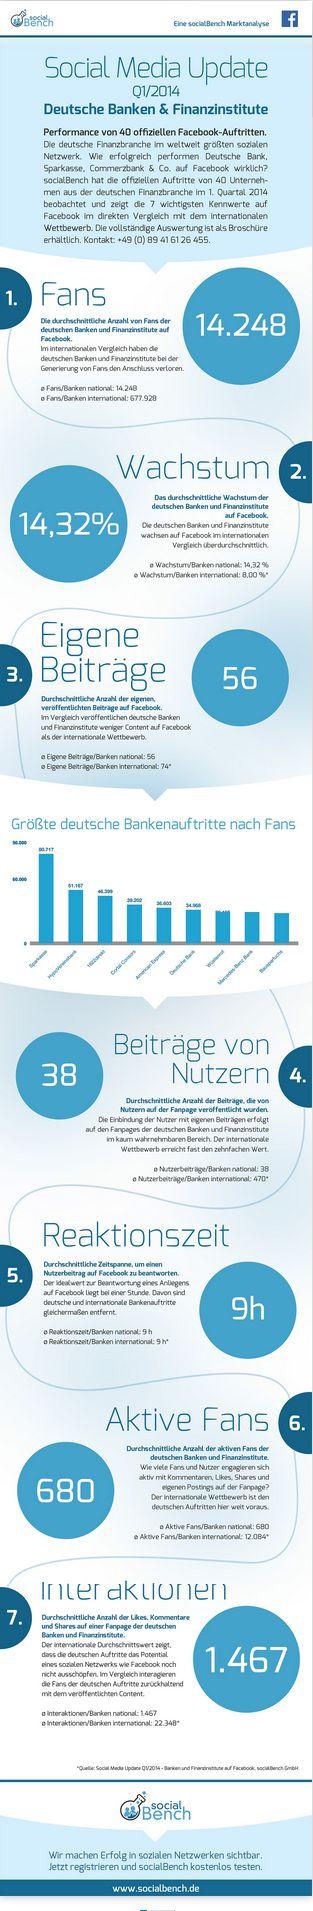 Facebook: Facebook Seiten der deutschen Banken – Status Quo und internationaler Vergleich [Infografik]